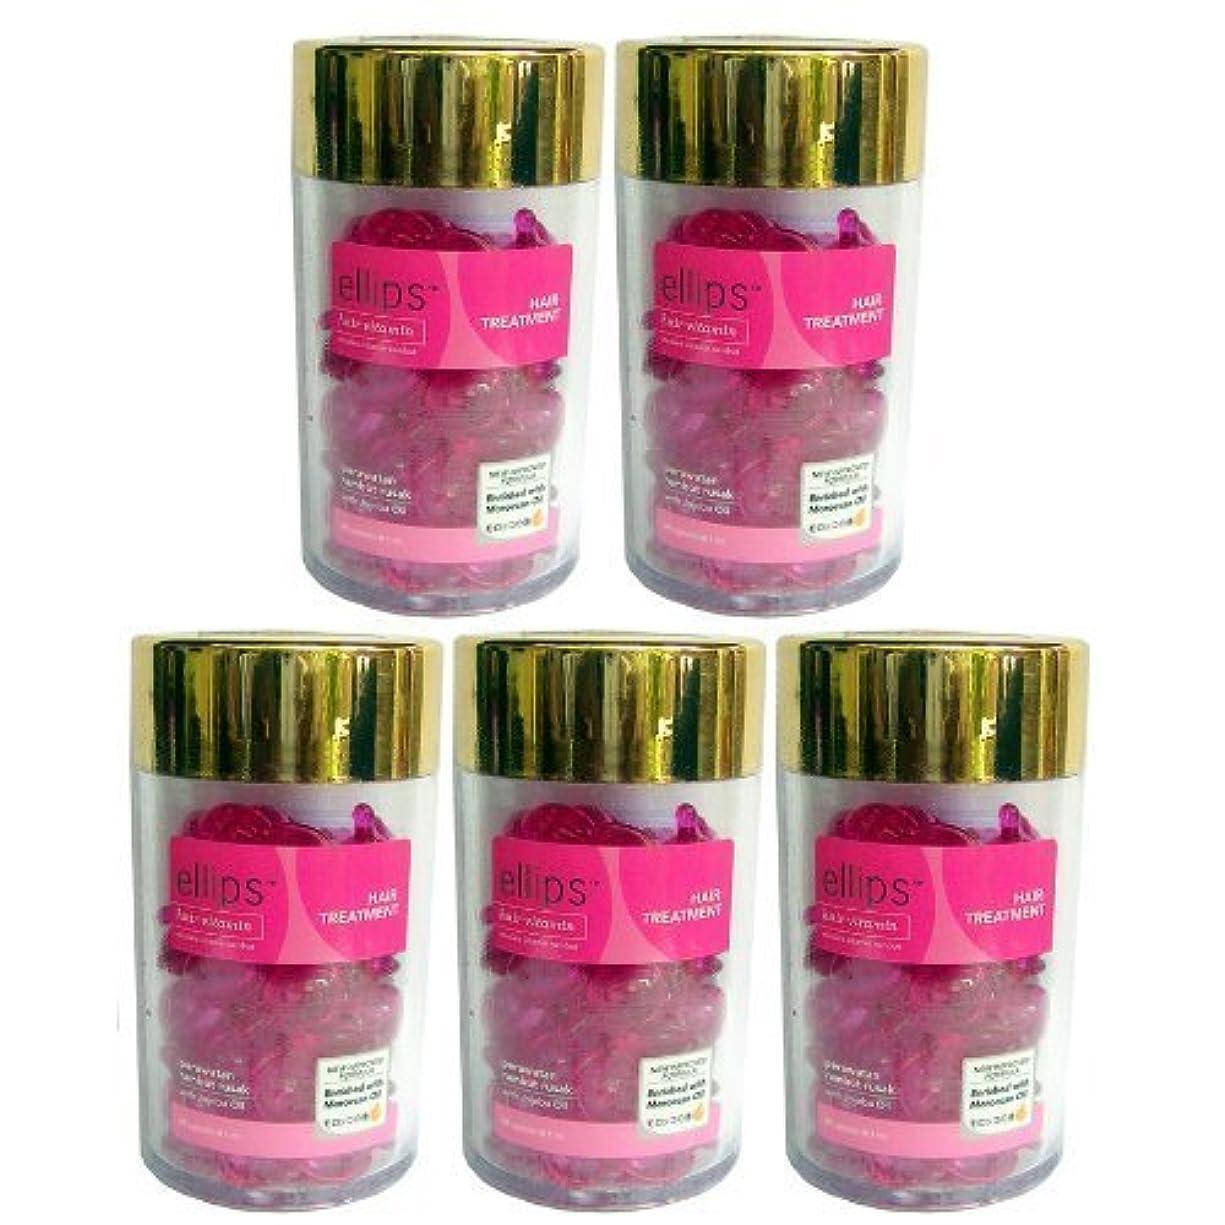 非難するサイクロプス気候の山エリプス(Ellips) ヘアビタミン(50粒入)5個セット ピンク [海外直送品] [並行輸入品]